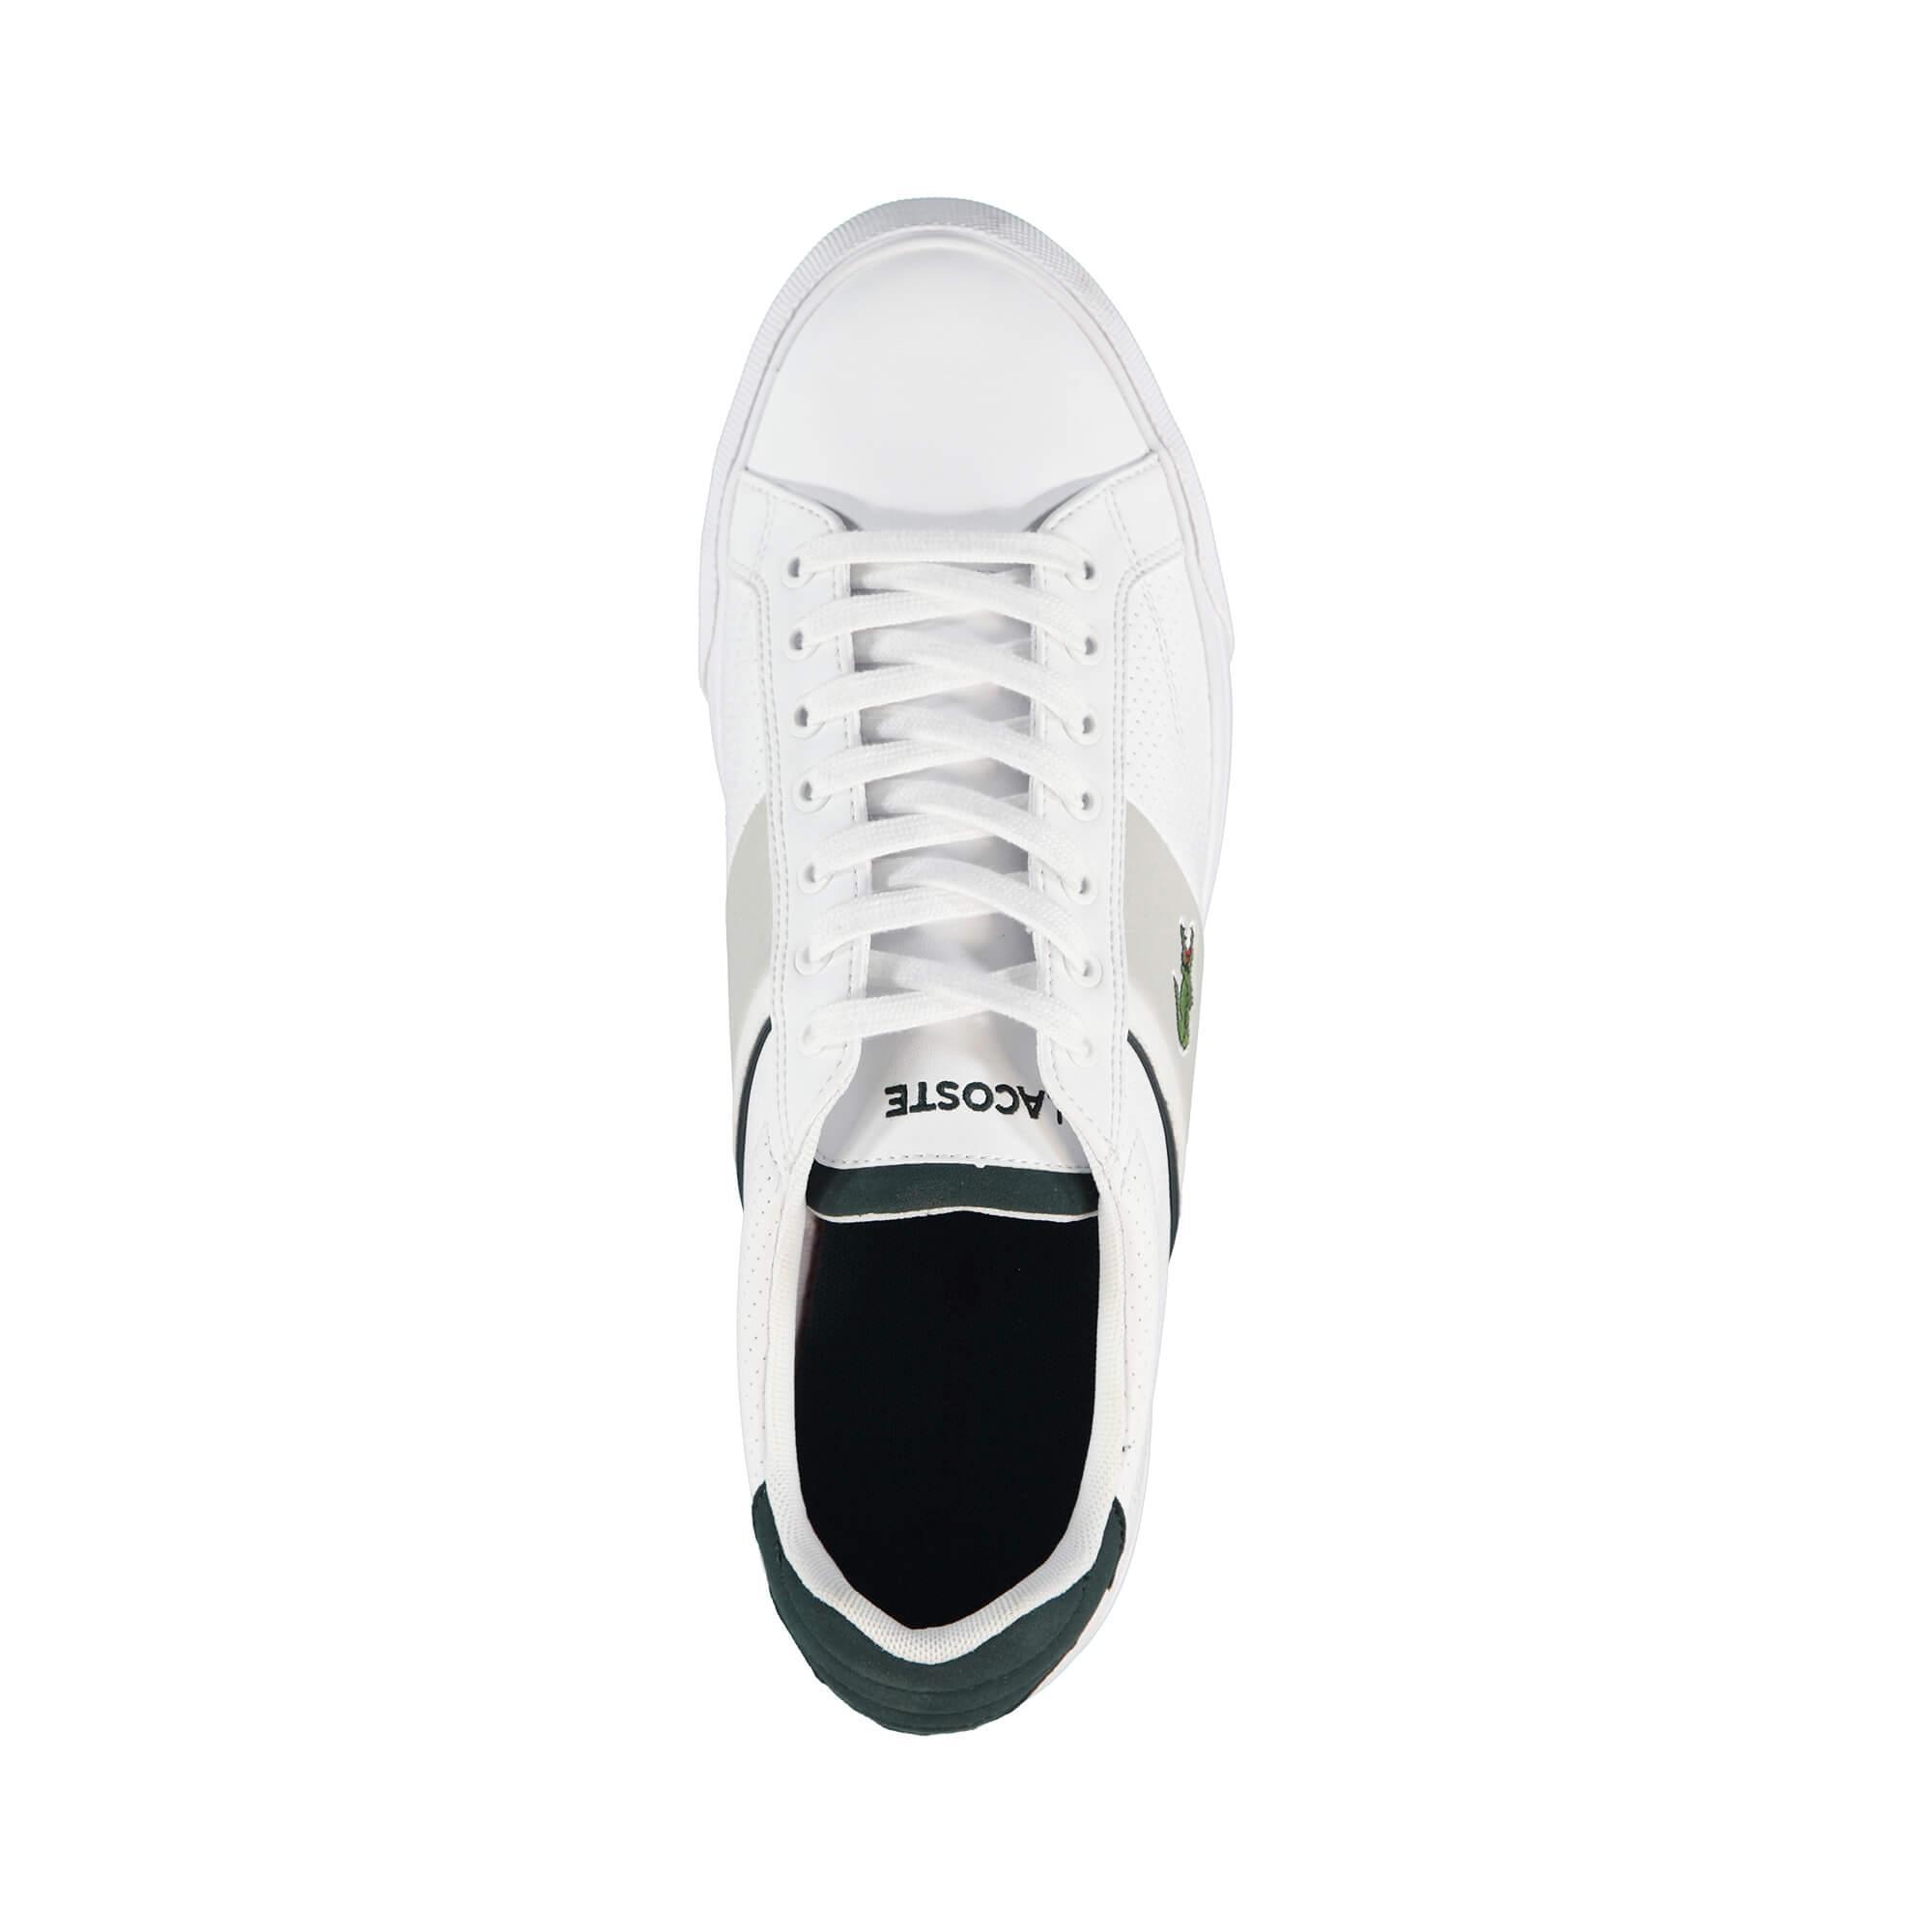 Lacoste Fairlead Erkek Ayakkabı